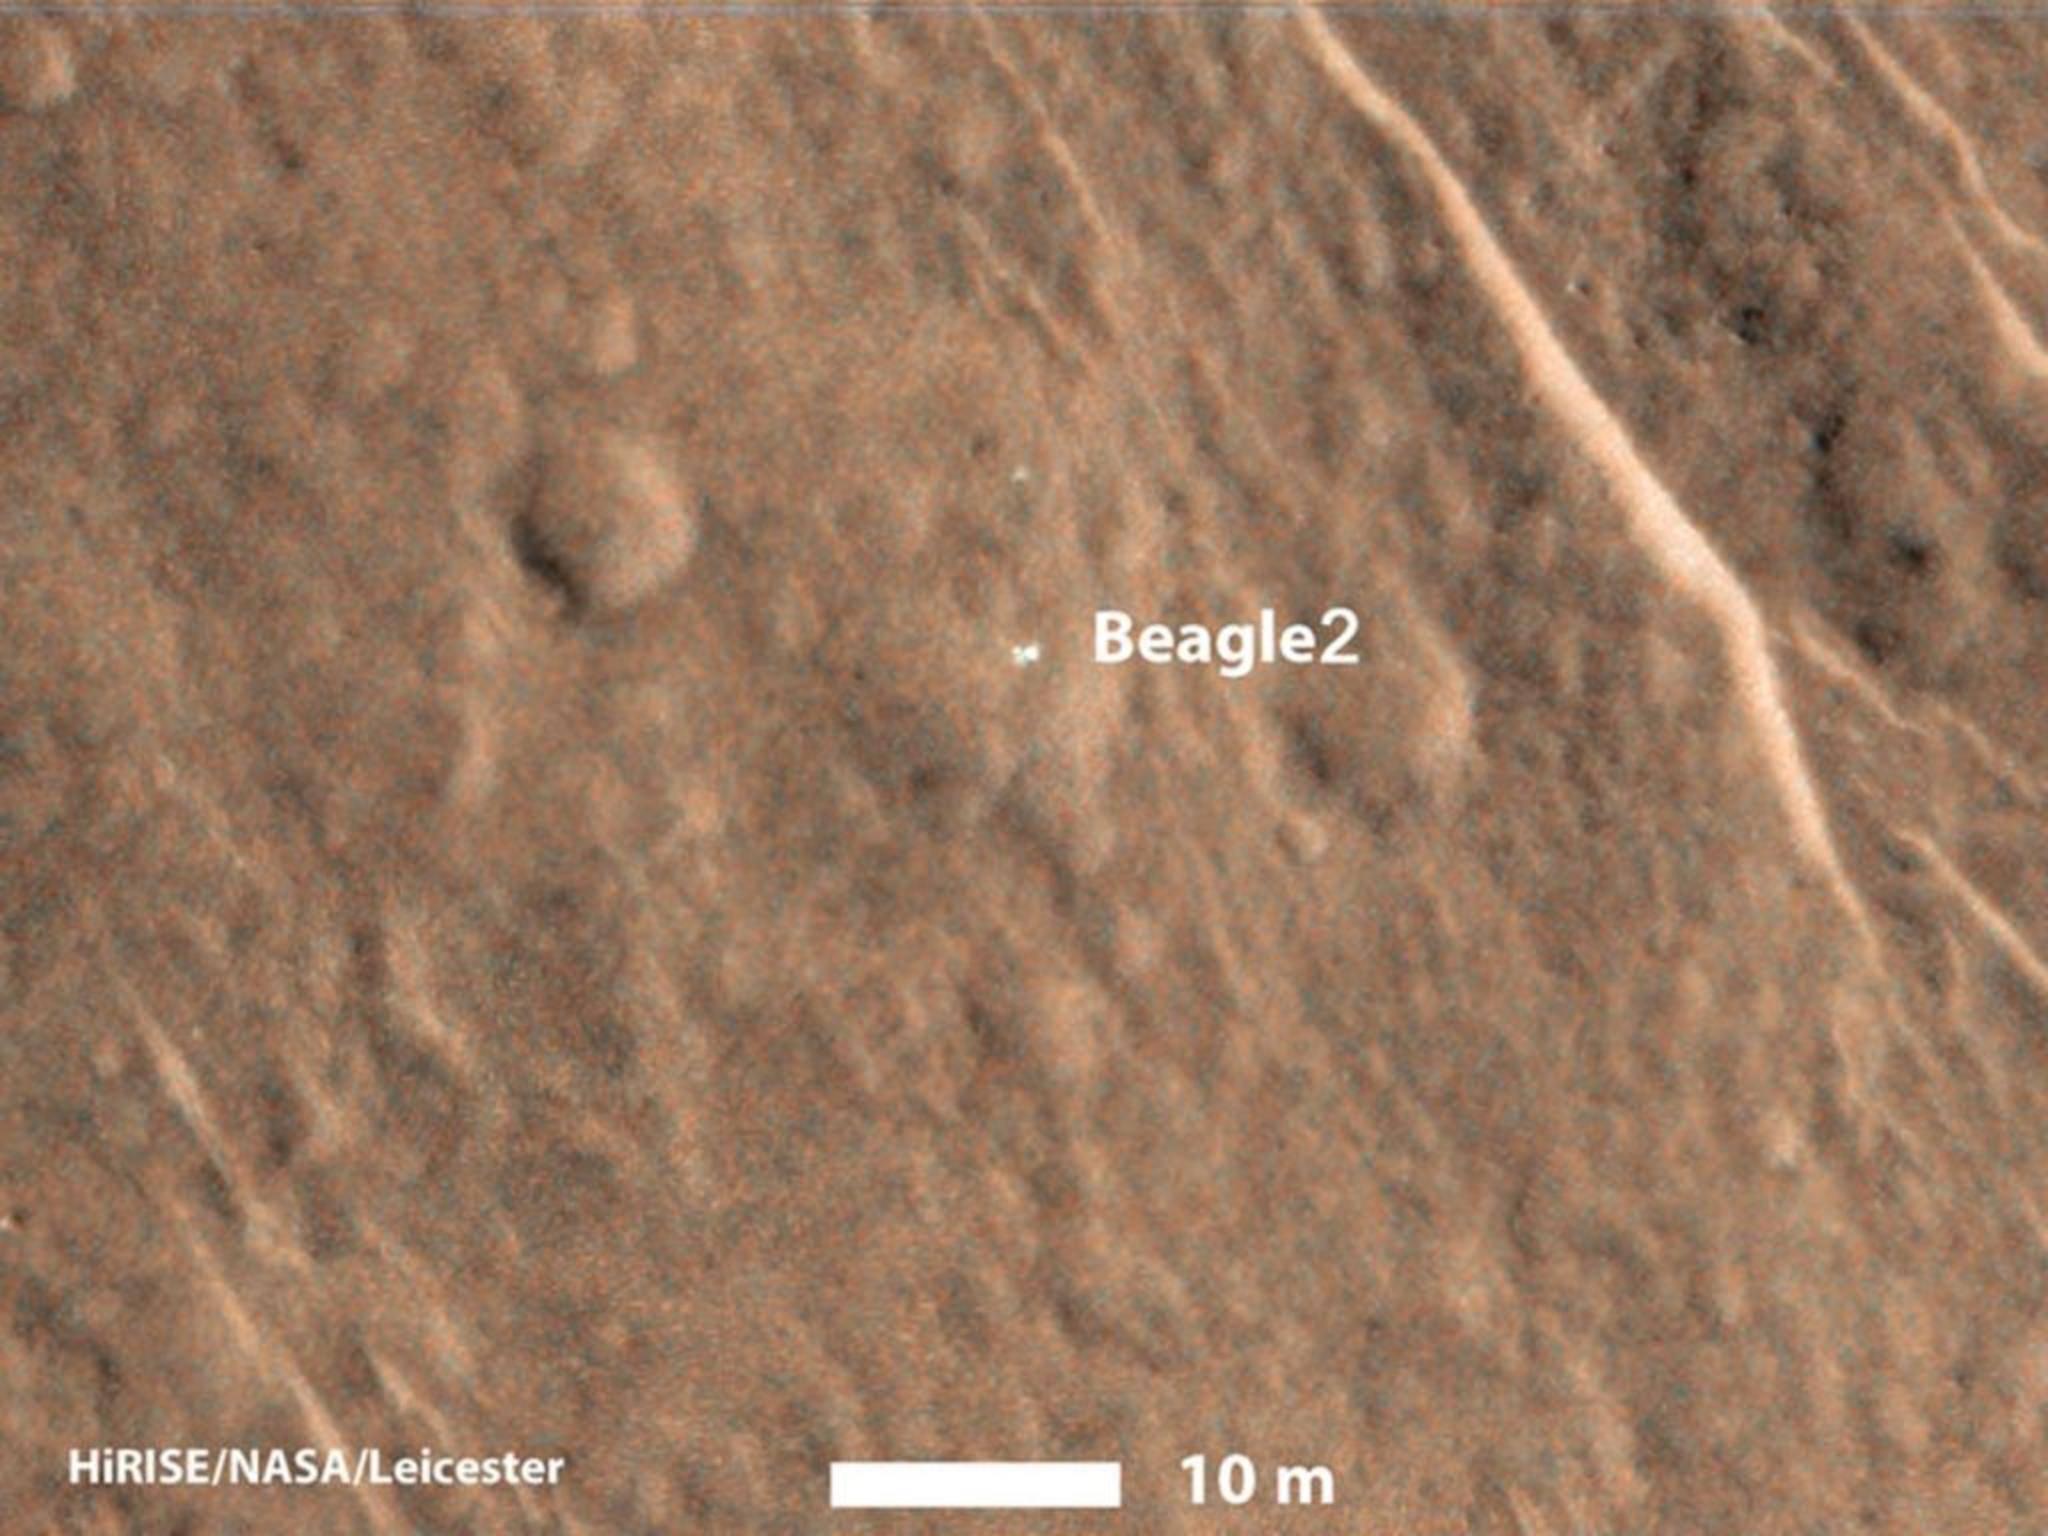 Foto von Beagle 2 auf der Marsoberfläche.